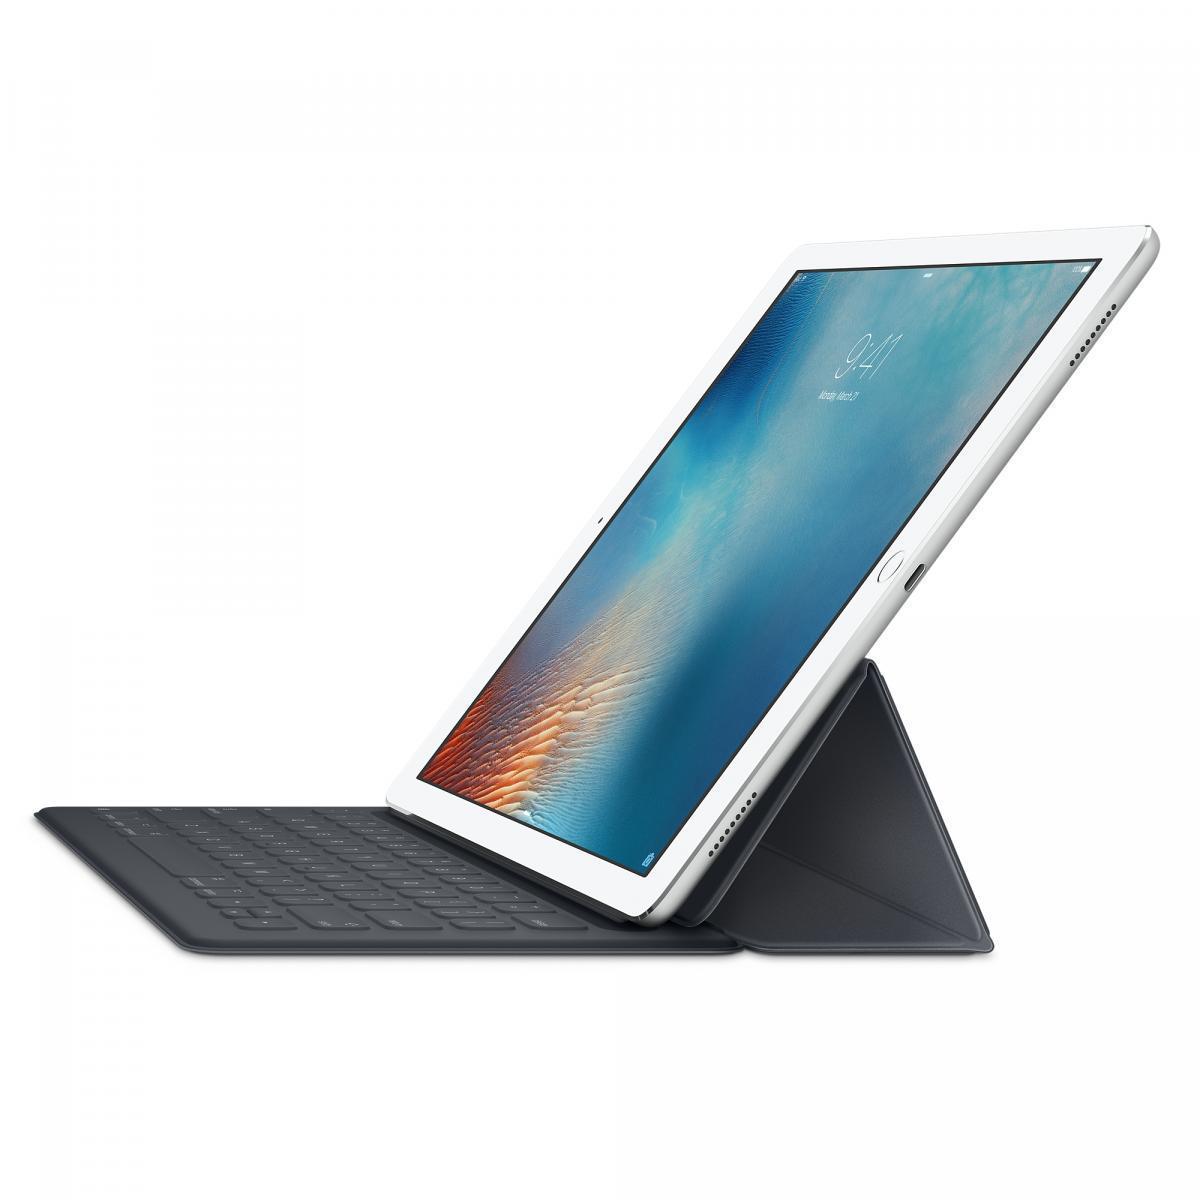 Чехол-клавиатура Apple Smart Keyboard для iPad Pro 12,9 английская (нейлон с подставкой) черный